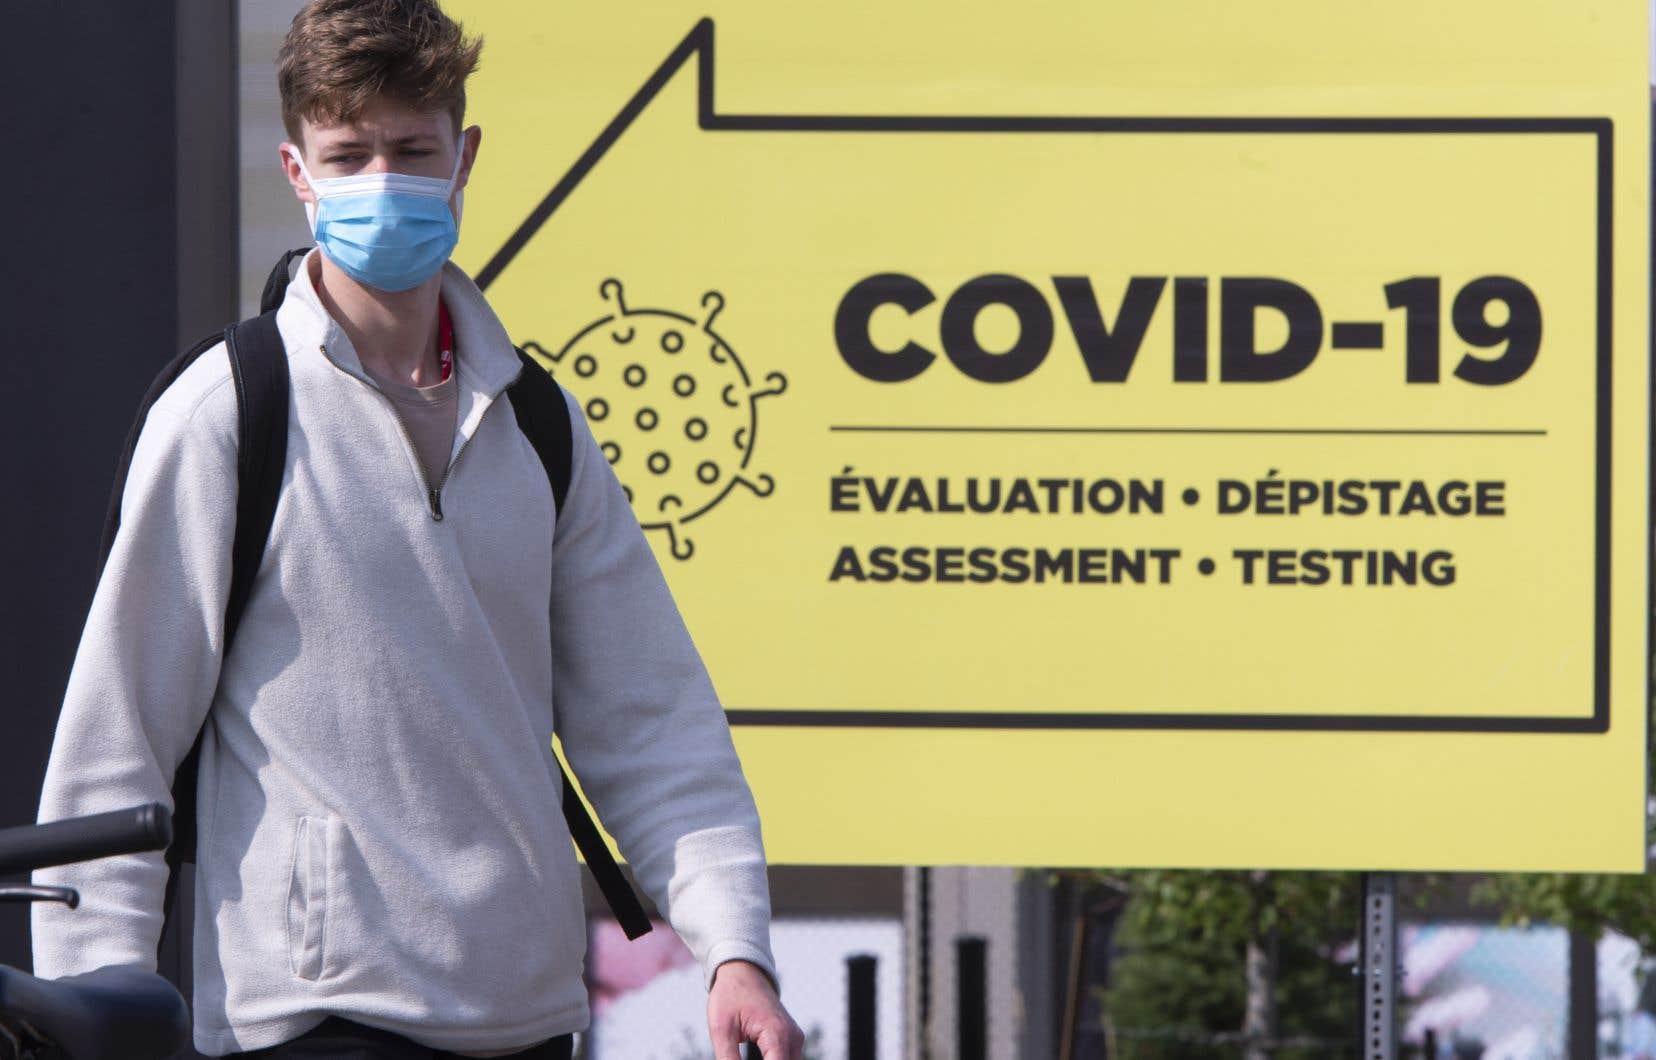 En vertu d'un arrêté d'urgence adopté par Santé Canada dans le but d'accélérer le processus d'approbation, les fabricants de vaccins contre la COVID-19 peuvent désormais soumettre leur demande avant même d'avoir complété les trois phases standards des essais cliniques visant à éprouver l'efficacité et l'innocuité de leur vaccin.